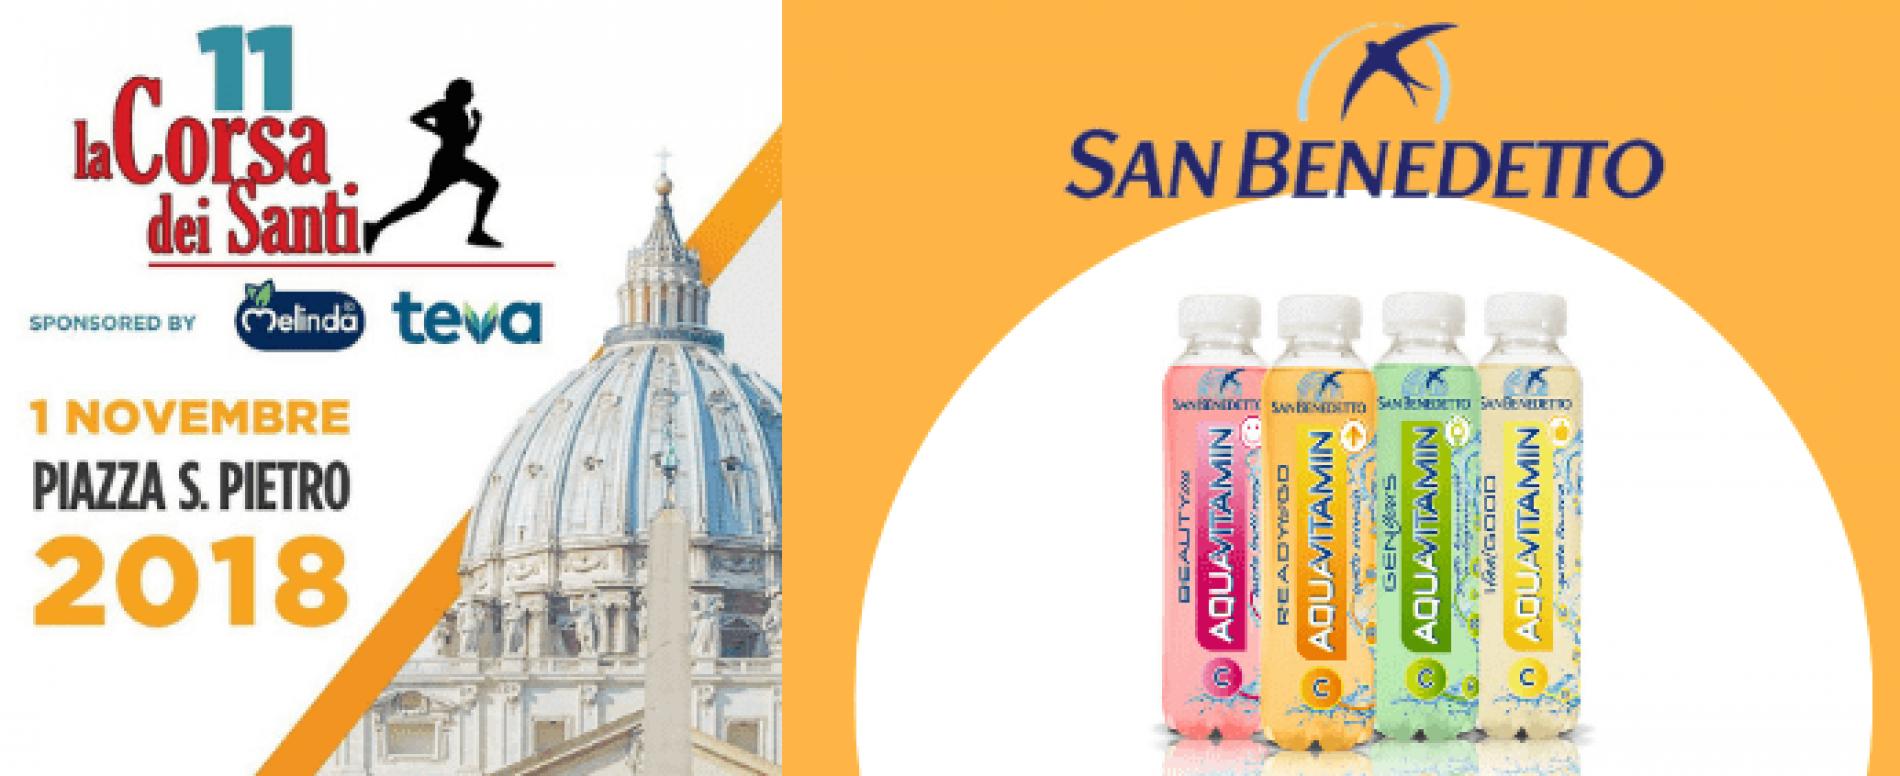 """San Benedetto fornitore ufficiale di """"La Corsa dei Santi"""" 2018"""